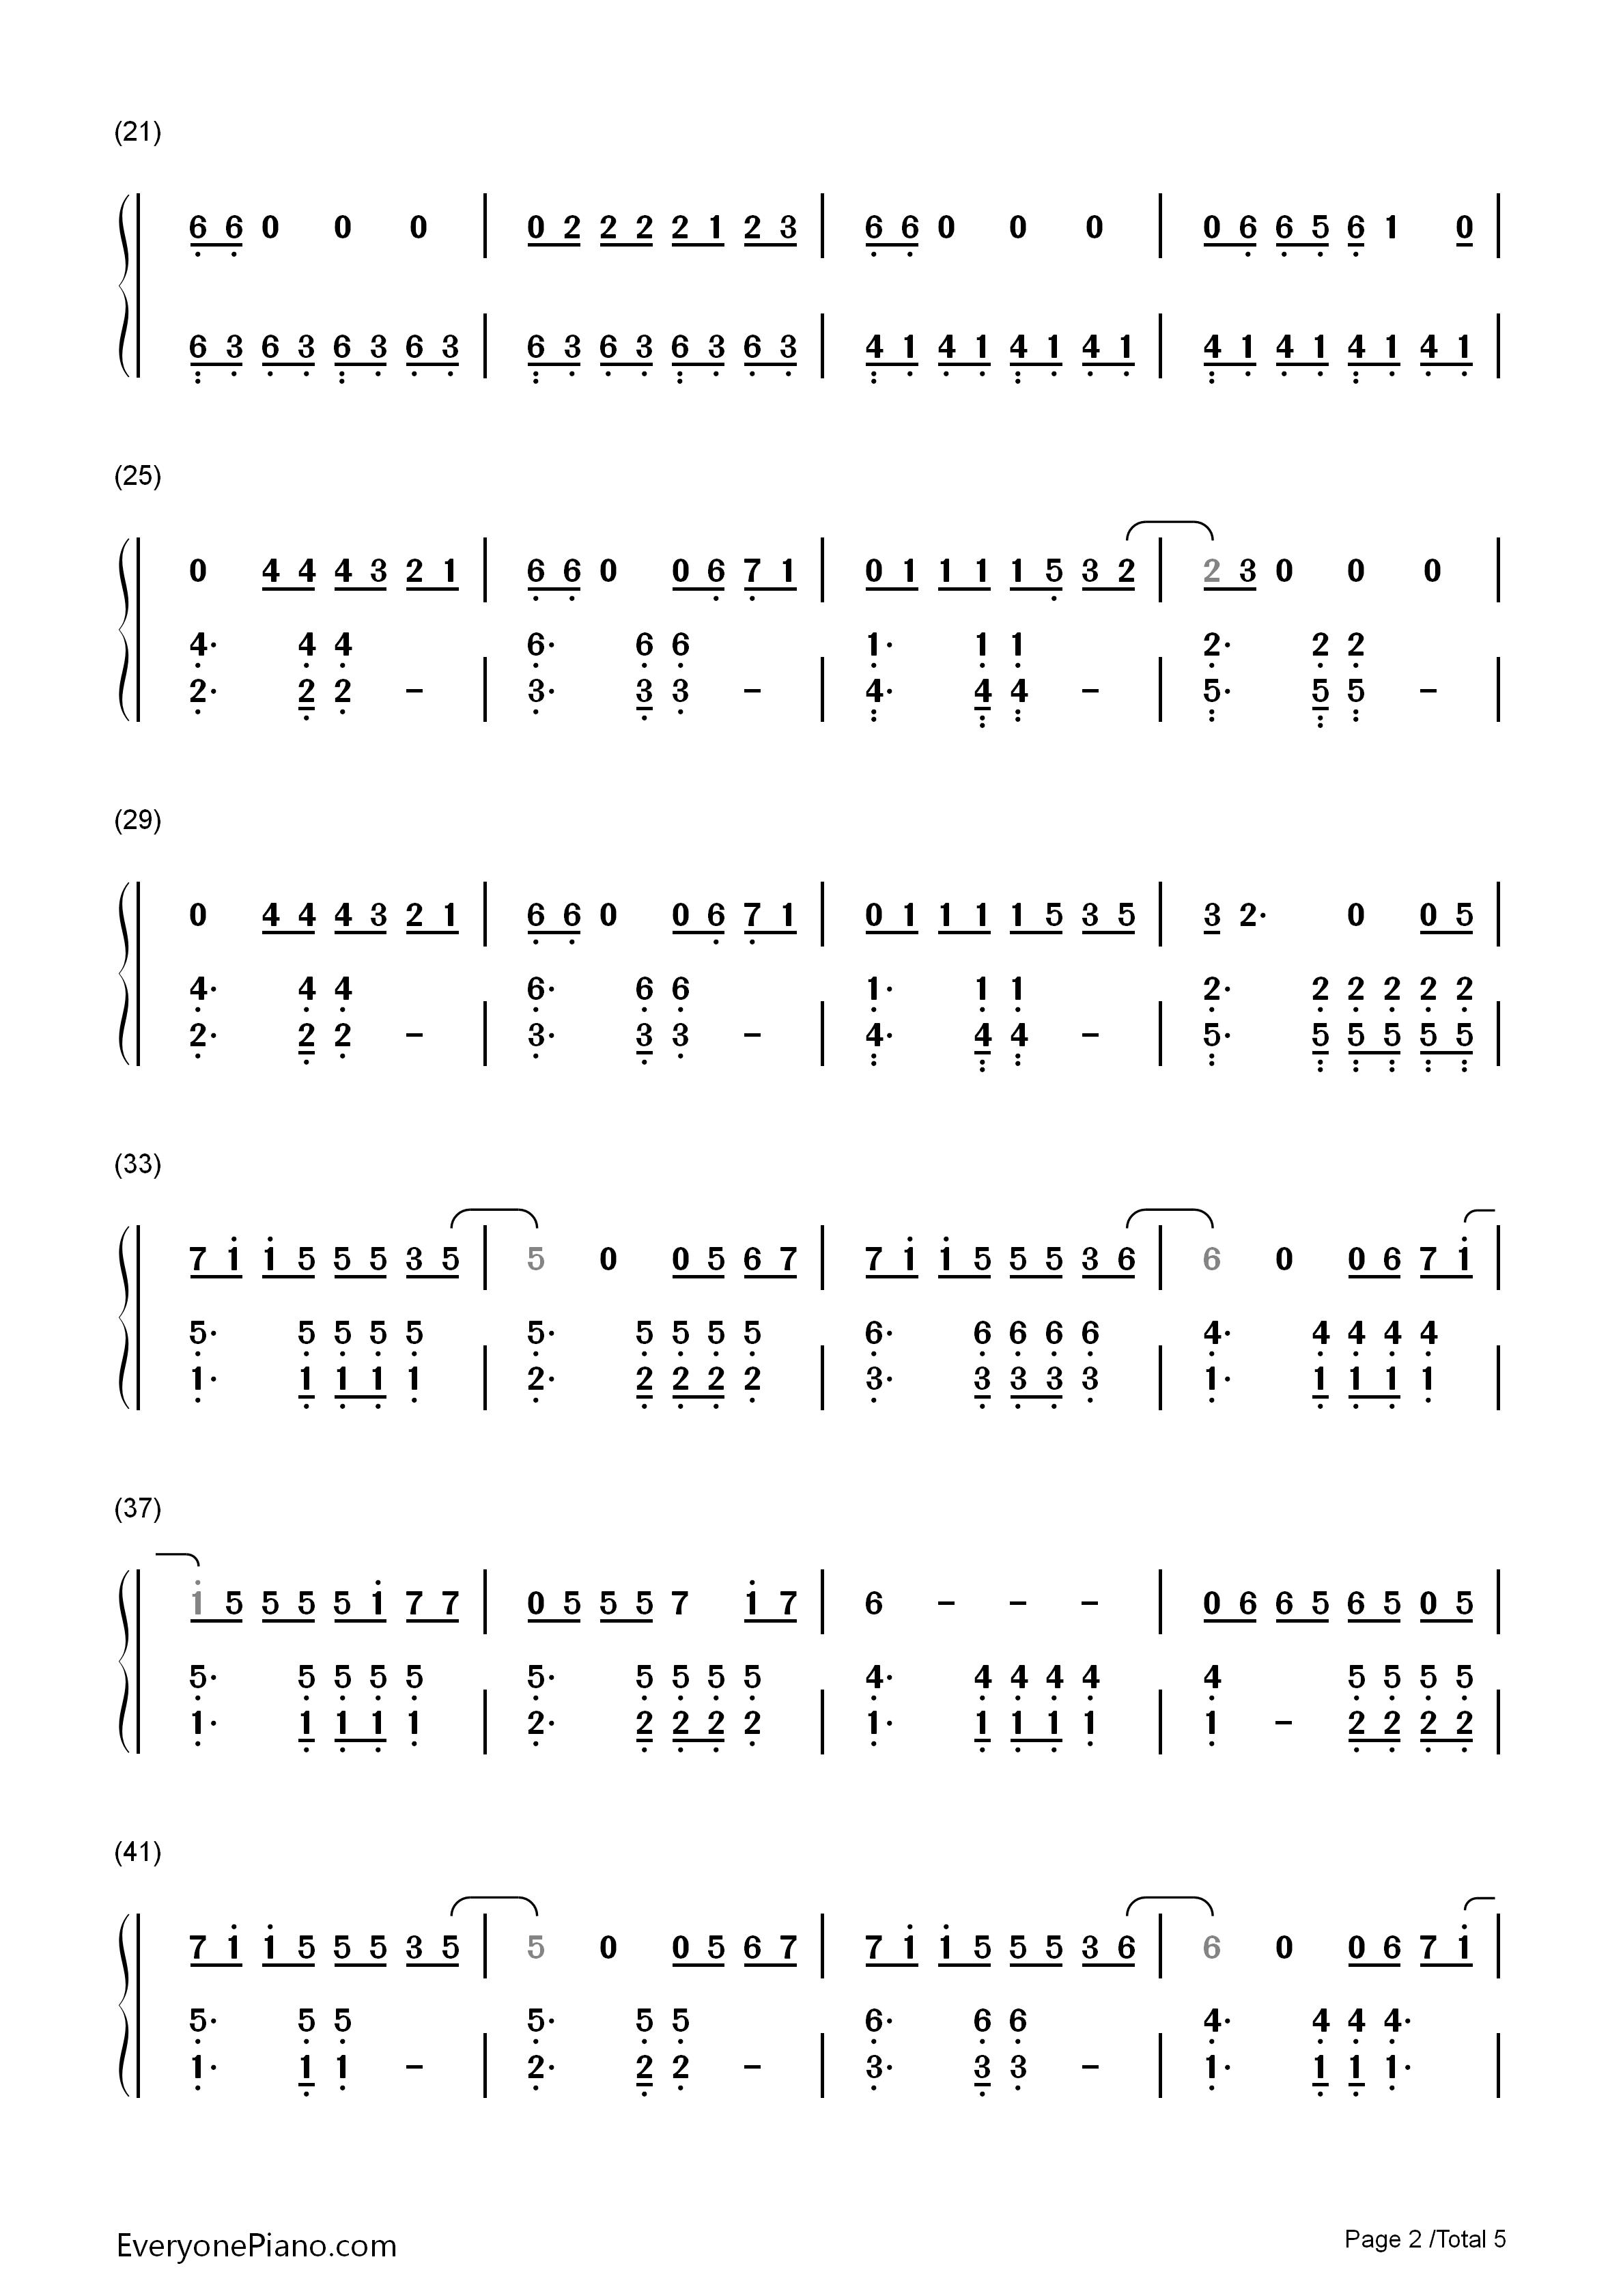 欢乐颂 欢乐颂主题曲双手简谱预览 EOP在线乐谱架